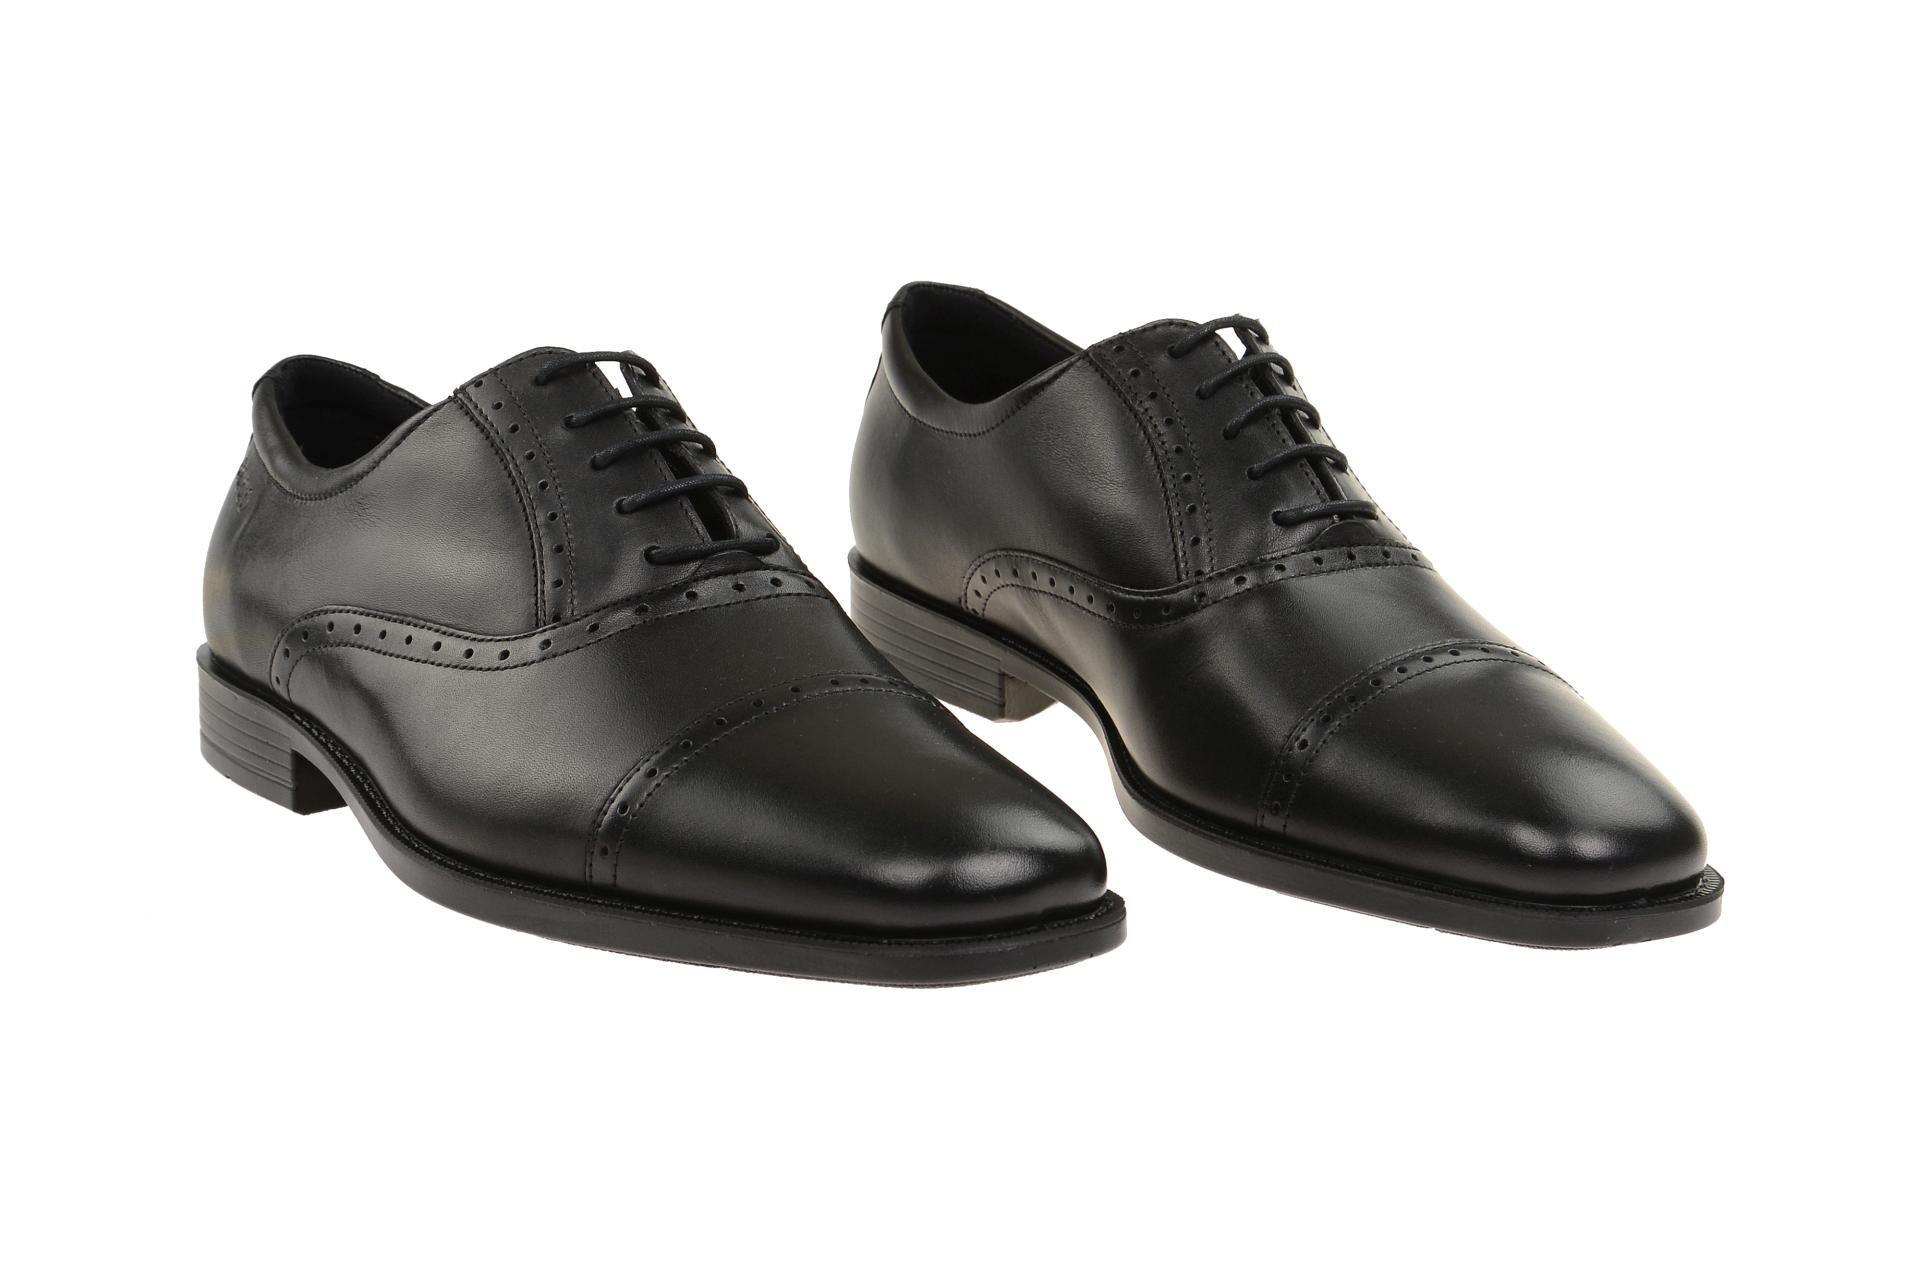 Details zu Ecco Schuhe EDINBURGH schwarz Herrenschuhe elegante Halbschuhe 63263401001 NEU